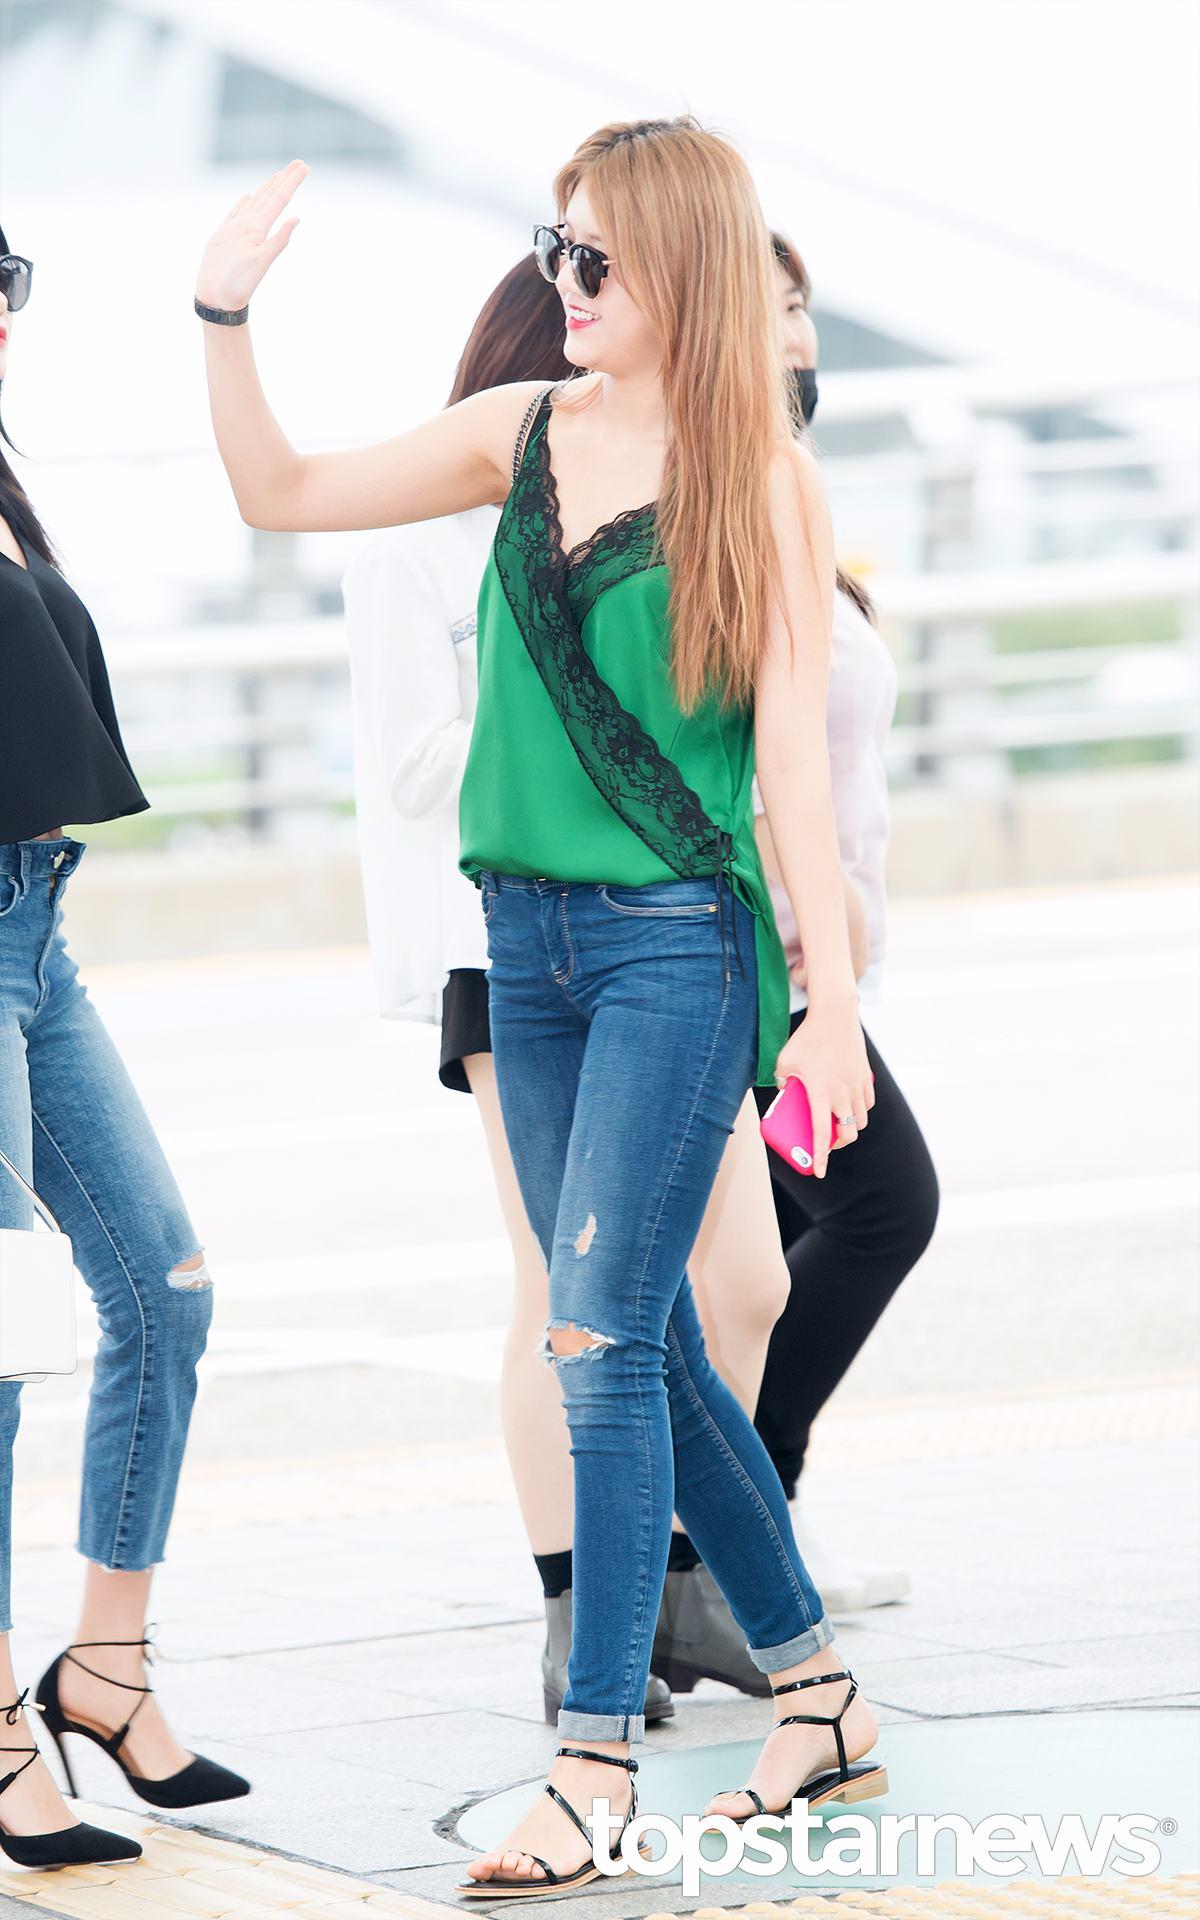 像是AOA的惠晶日前才穿一席綠色緞面的背心被攝影葛格拍到,感覺就是在閨房裡面才會換上的衣服,竟然變成機場時尚啦~